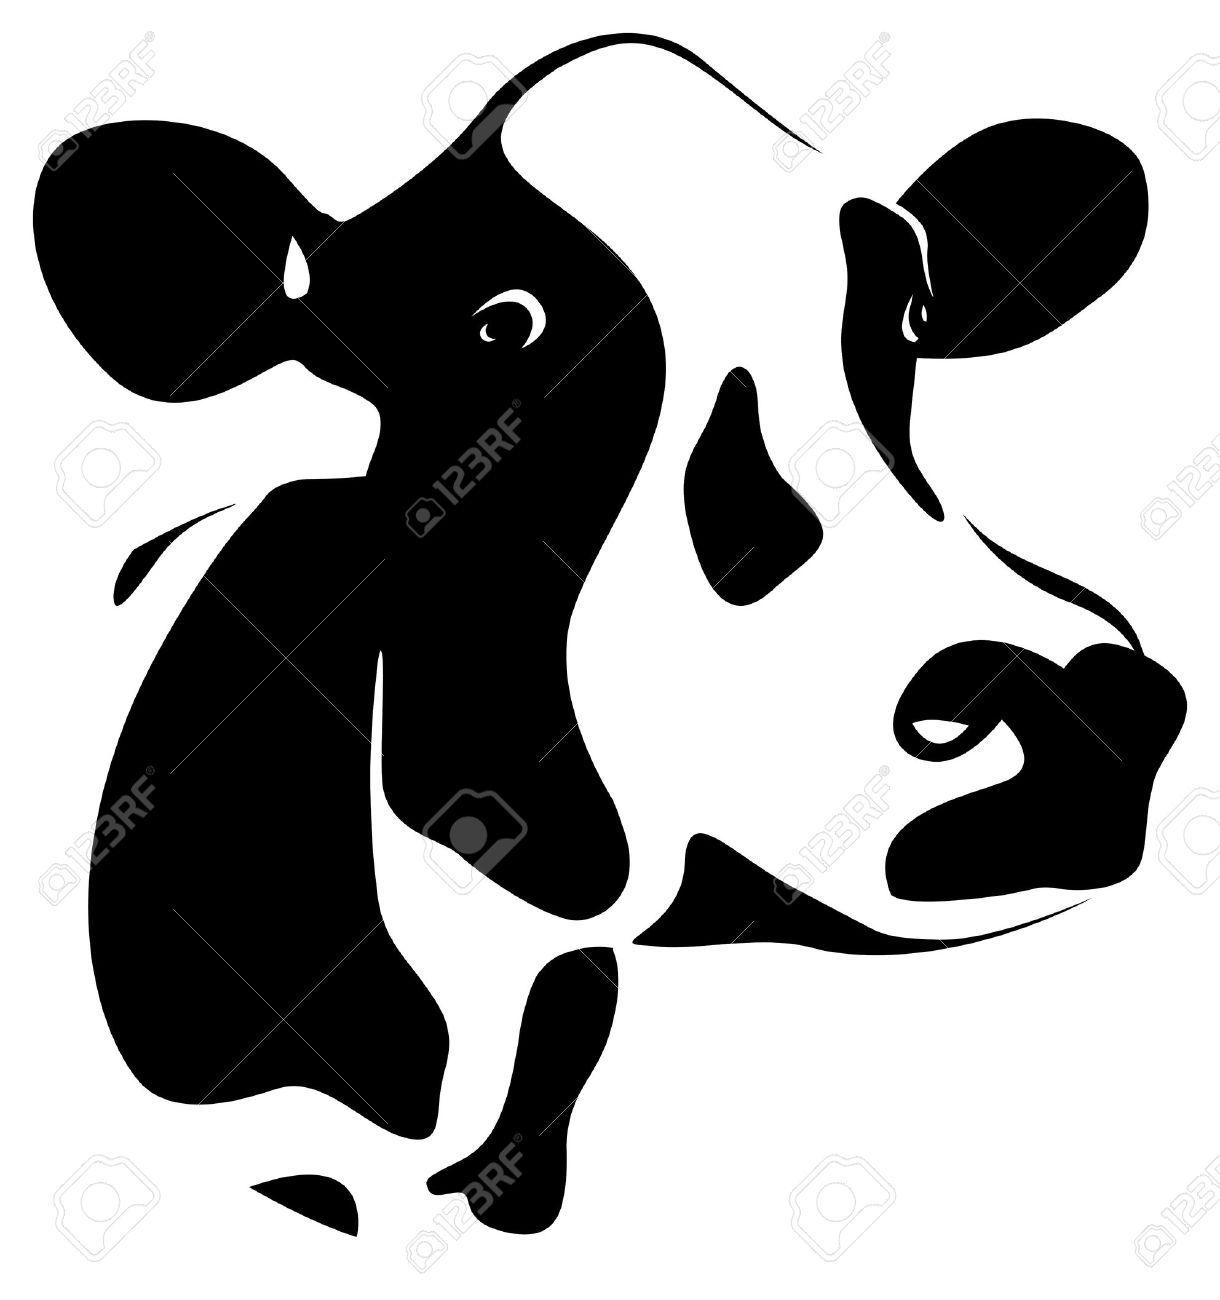 Imagen Relacionada Imagenes Para Textil Cabeza De Vaca Vacas Y